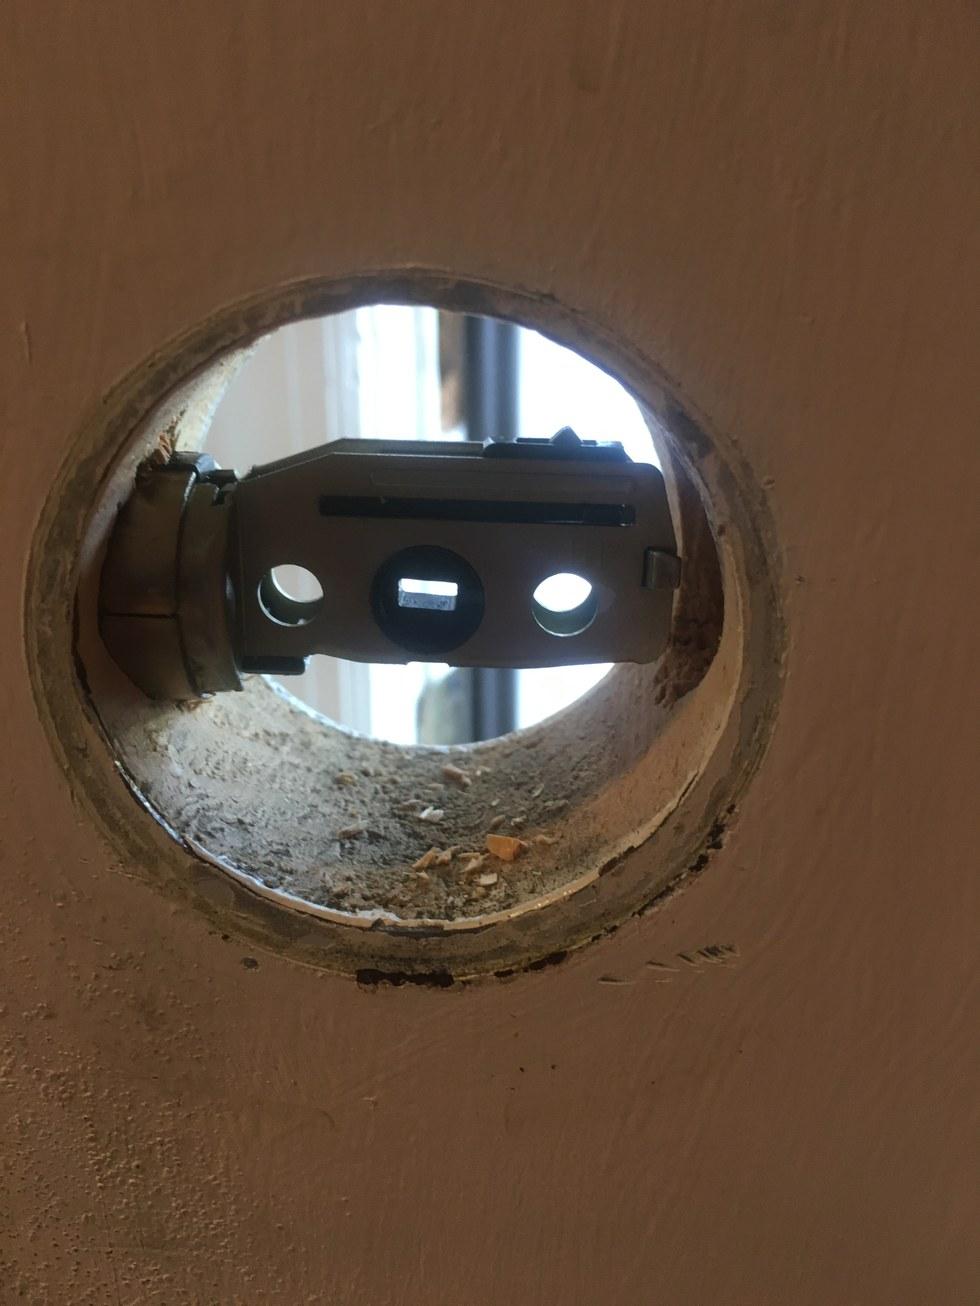 Insert door hardware and adjust Link.